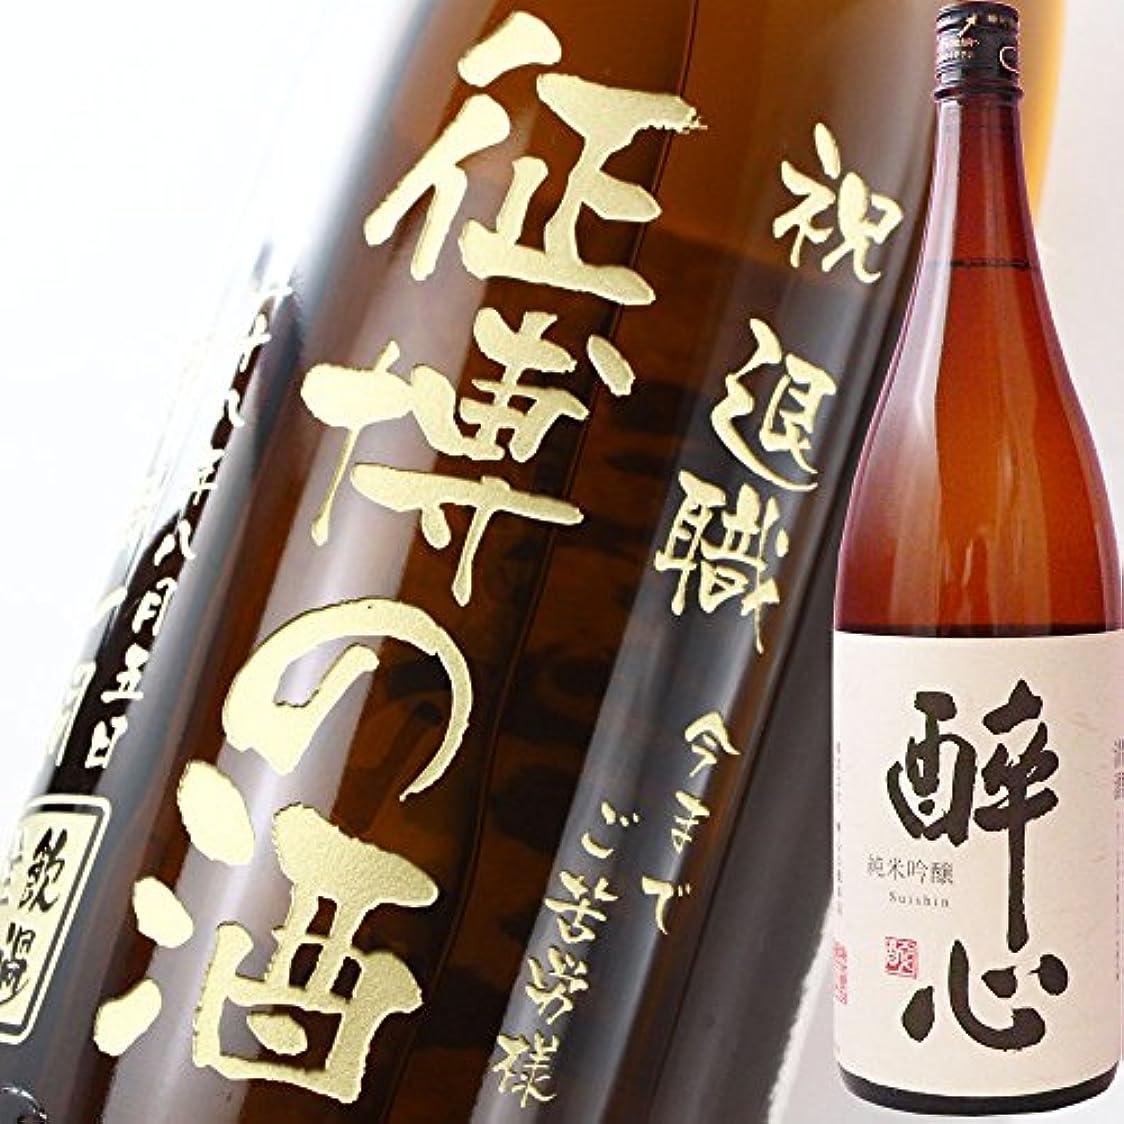 化合物さびた貫通するアートテック 名入れ 日本酒 酔心?稲穂1升瓶 名前入り